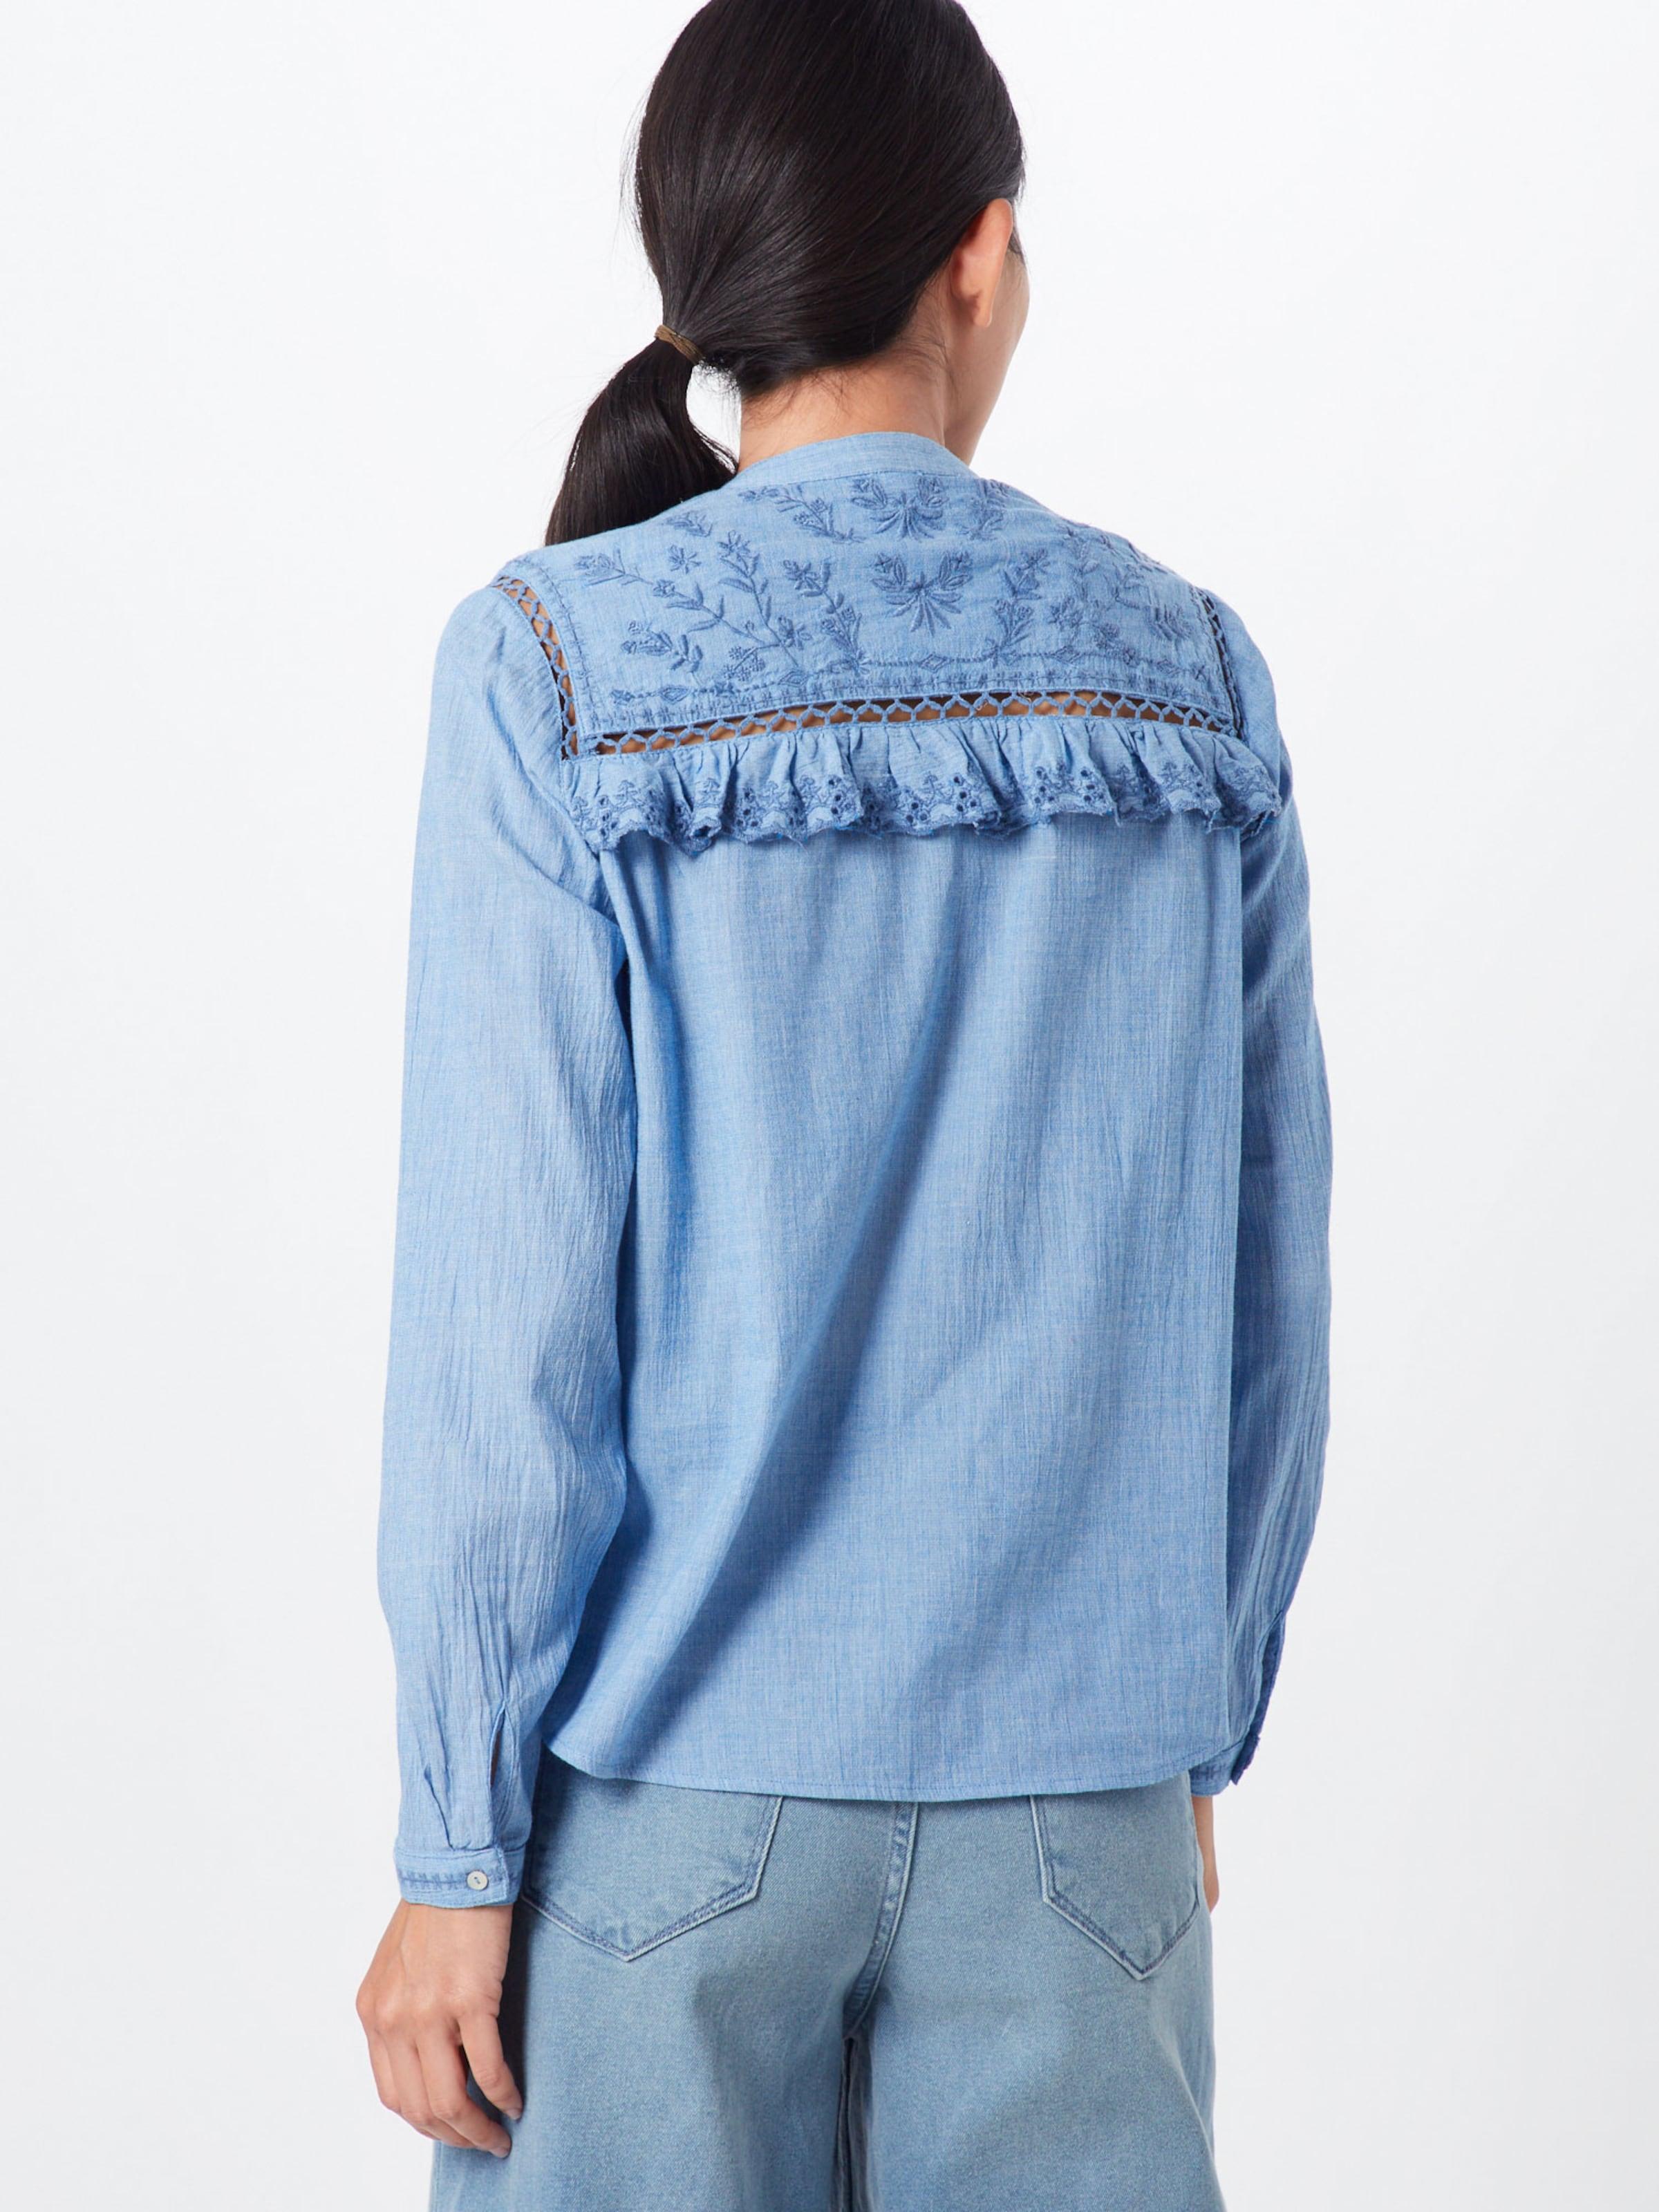 Pepe Blau In Bluse 'holly' Jeans WxordBeQC